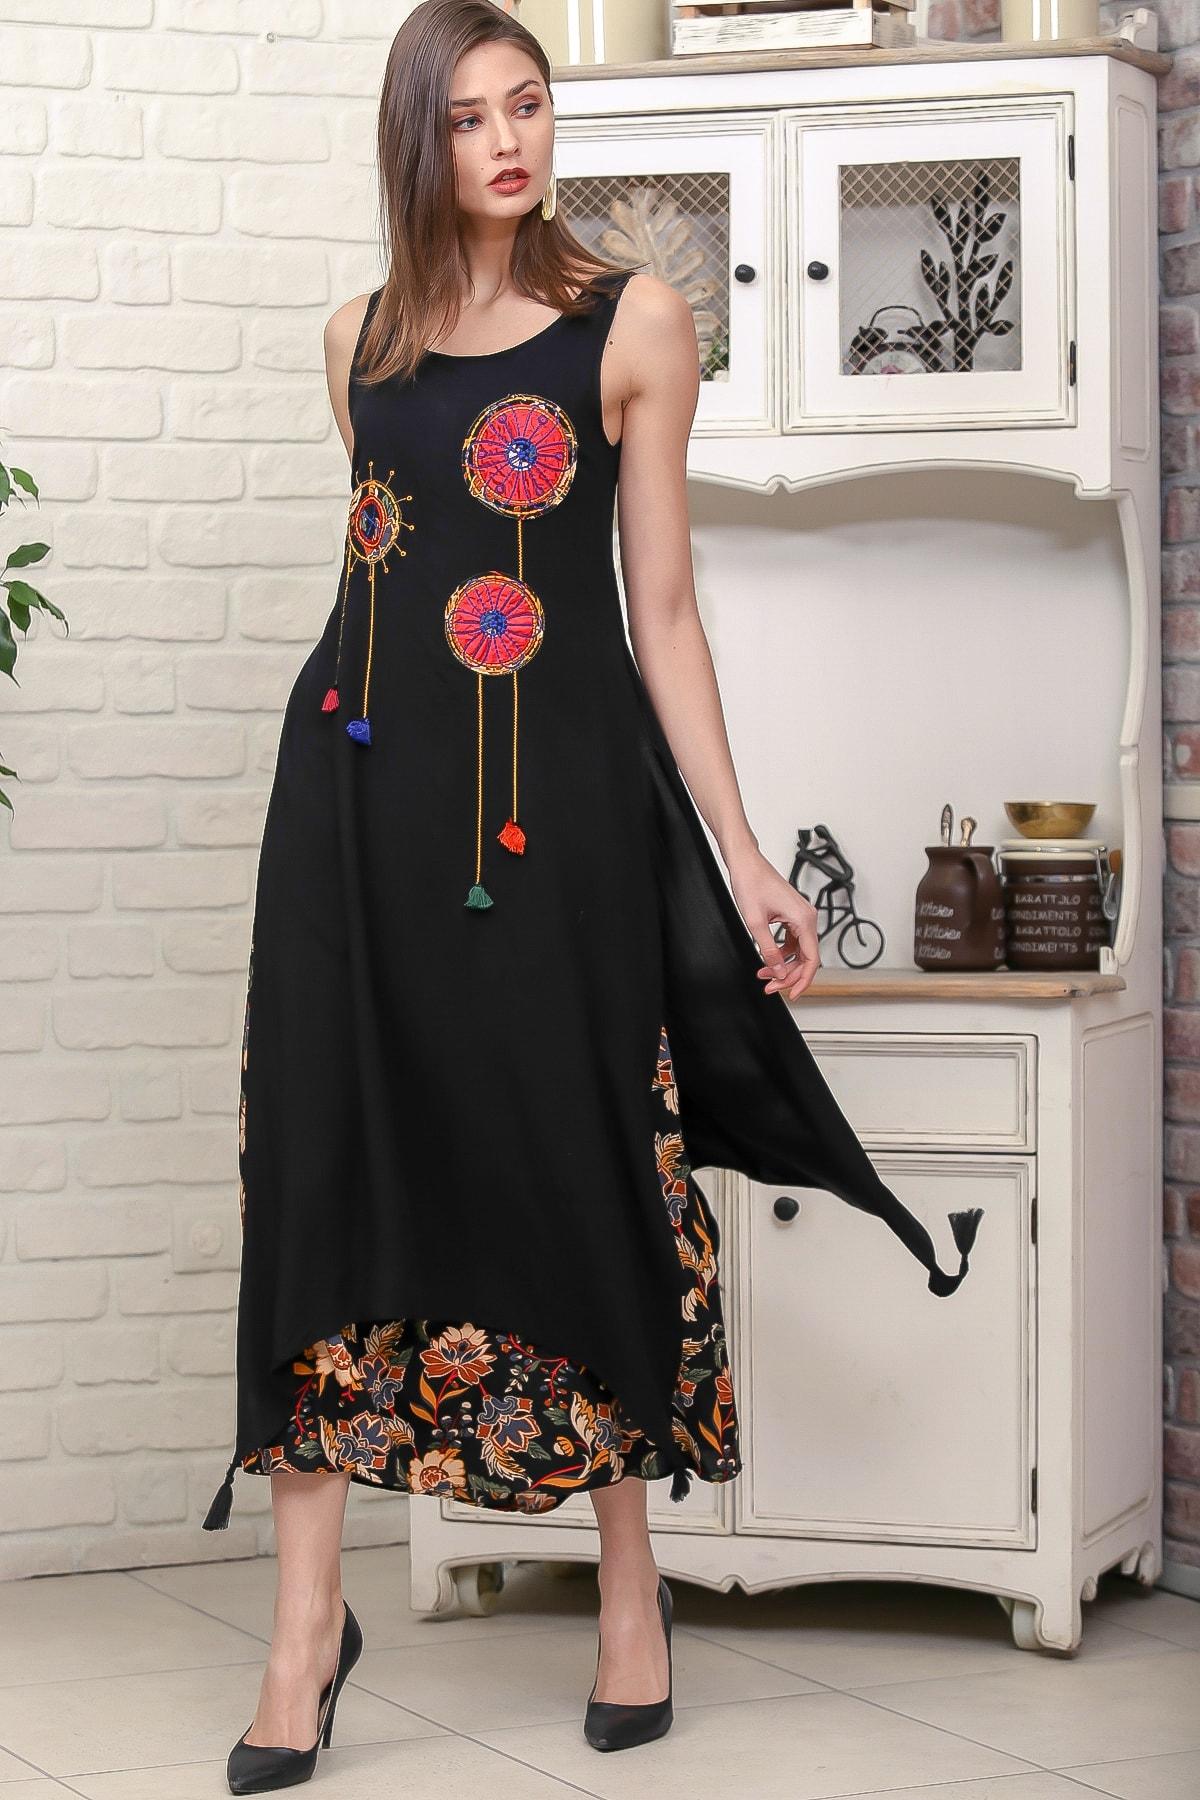 Chiccy Kadın Siyah Gelincik Nakışlı İki Katlı Üst Parça Yırtmaçlı Dokuma Elbise M10160000EL95879